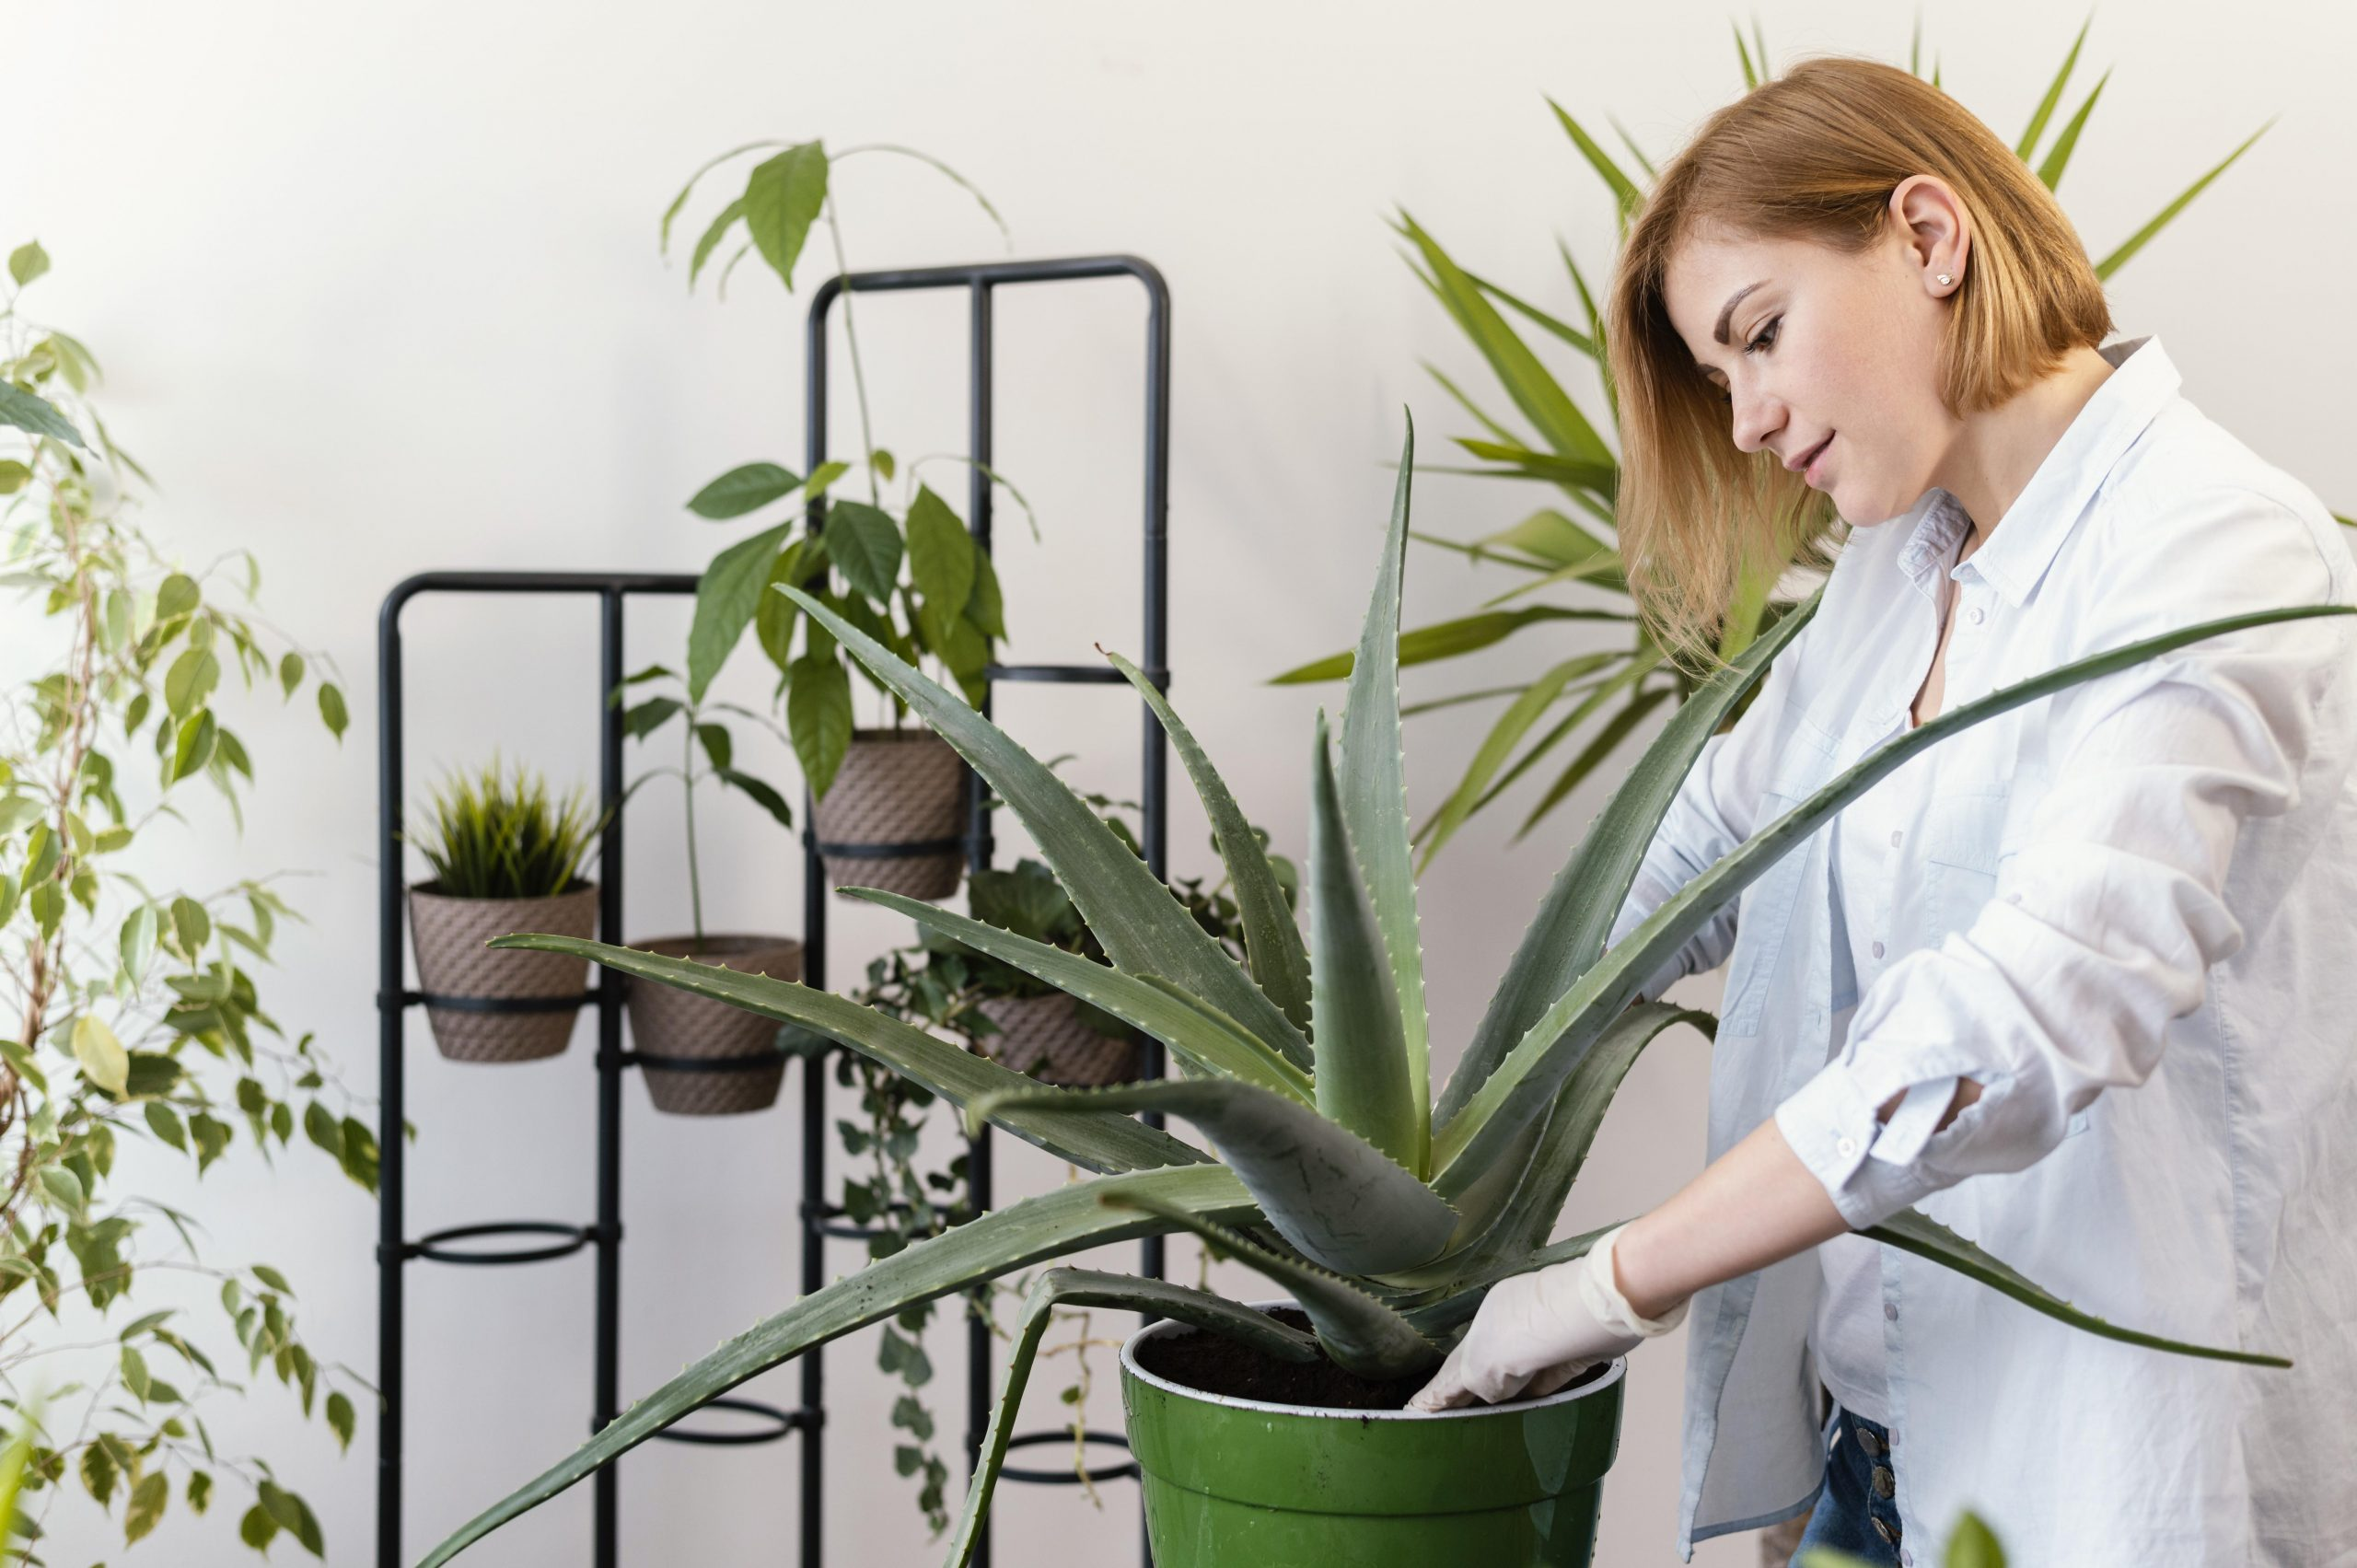 Kapasitas besar tempat susun tanaman lebih memiliki segudang manfaat